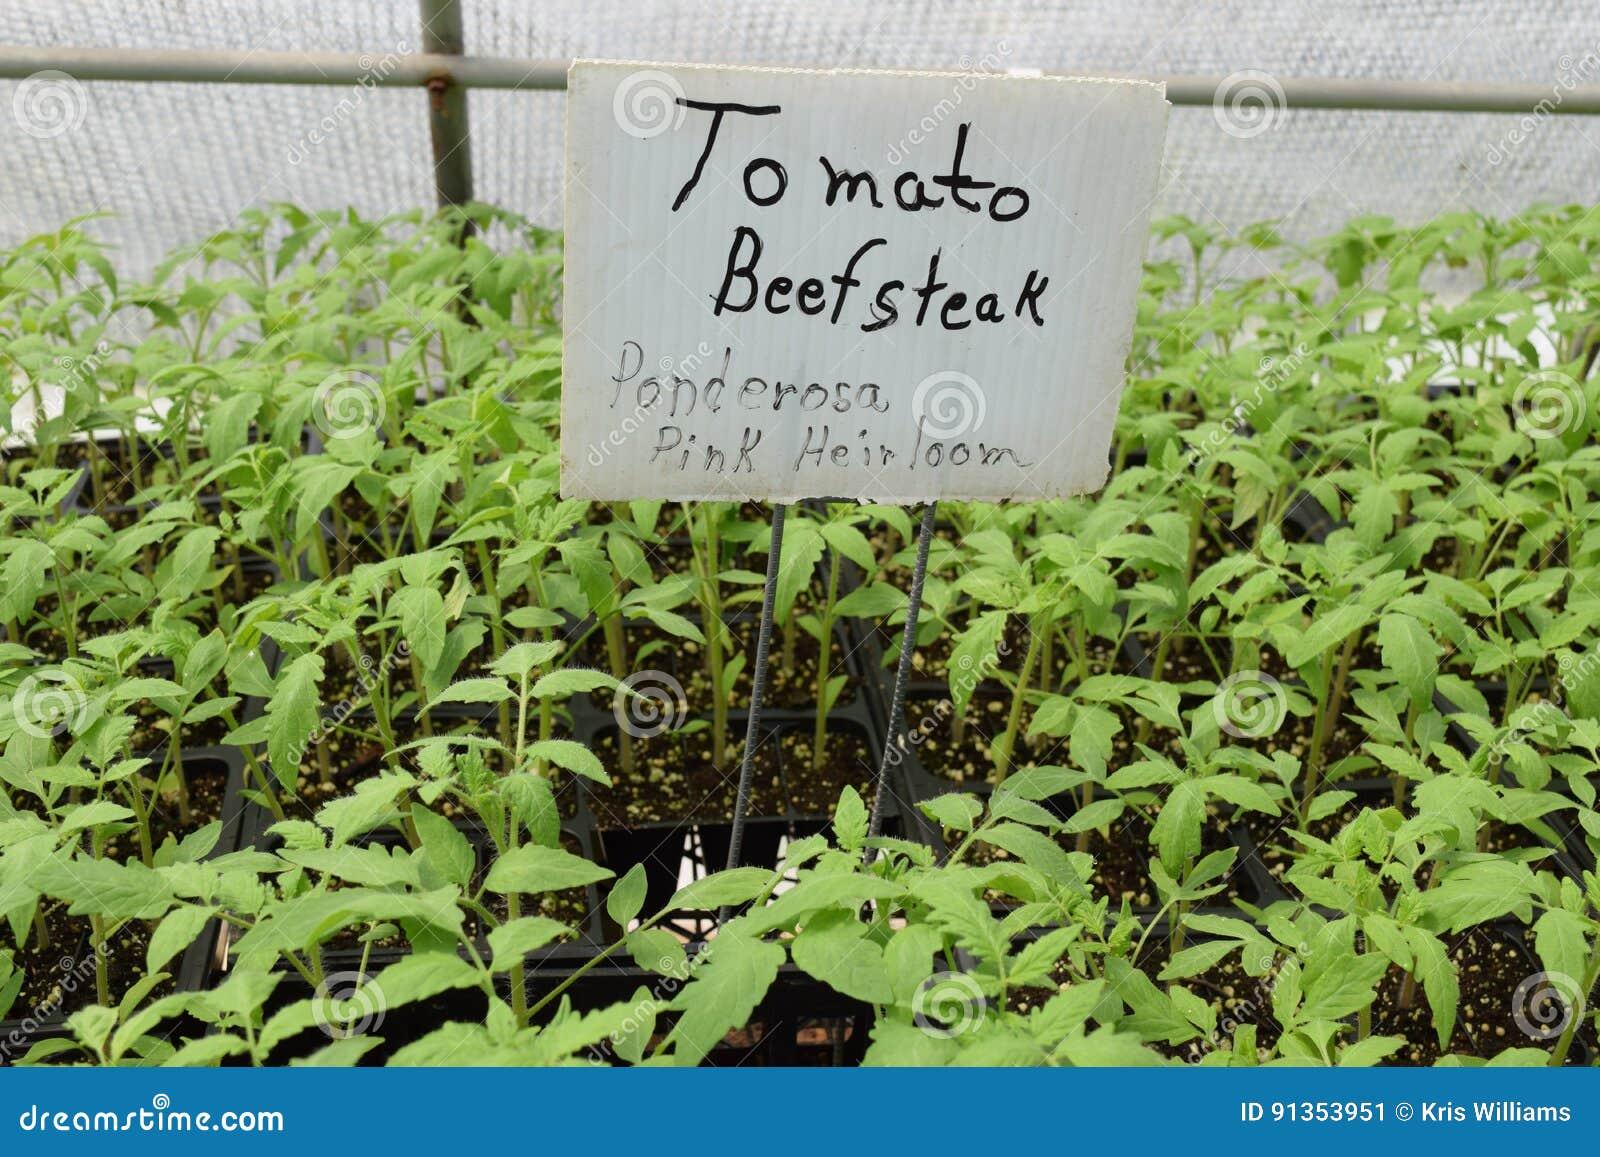 Ponderosa Pink Heirloom Beefsteak tomato seedlings